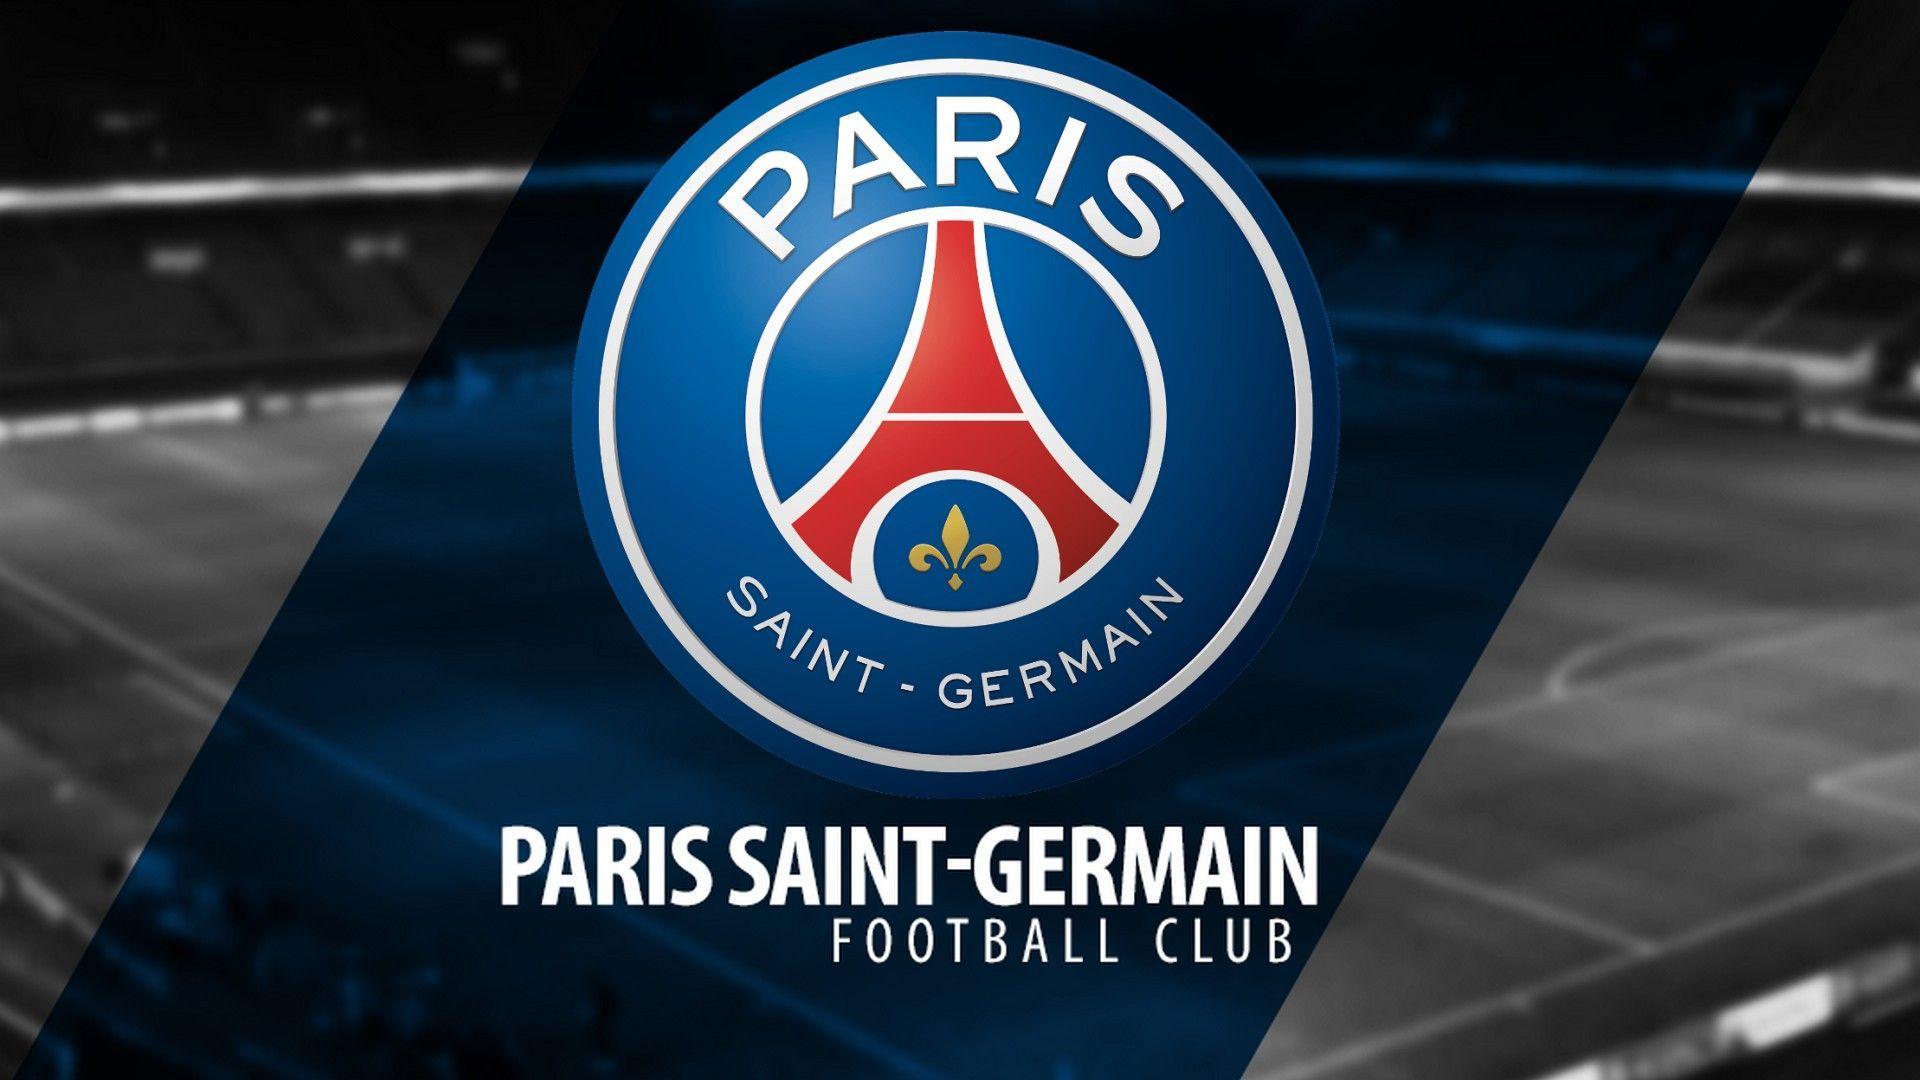 paris saint germain wallpapers top